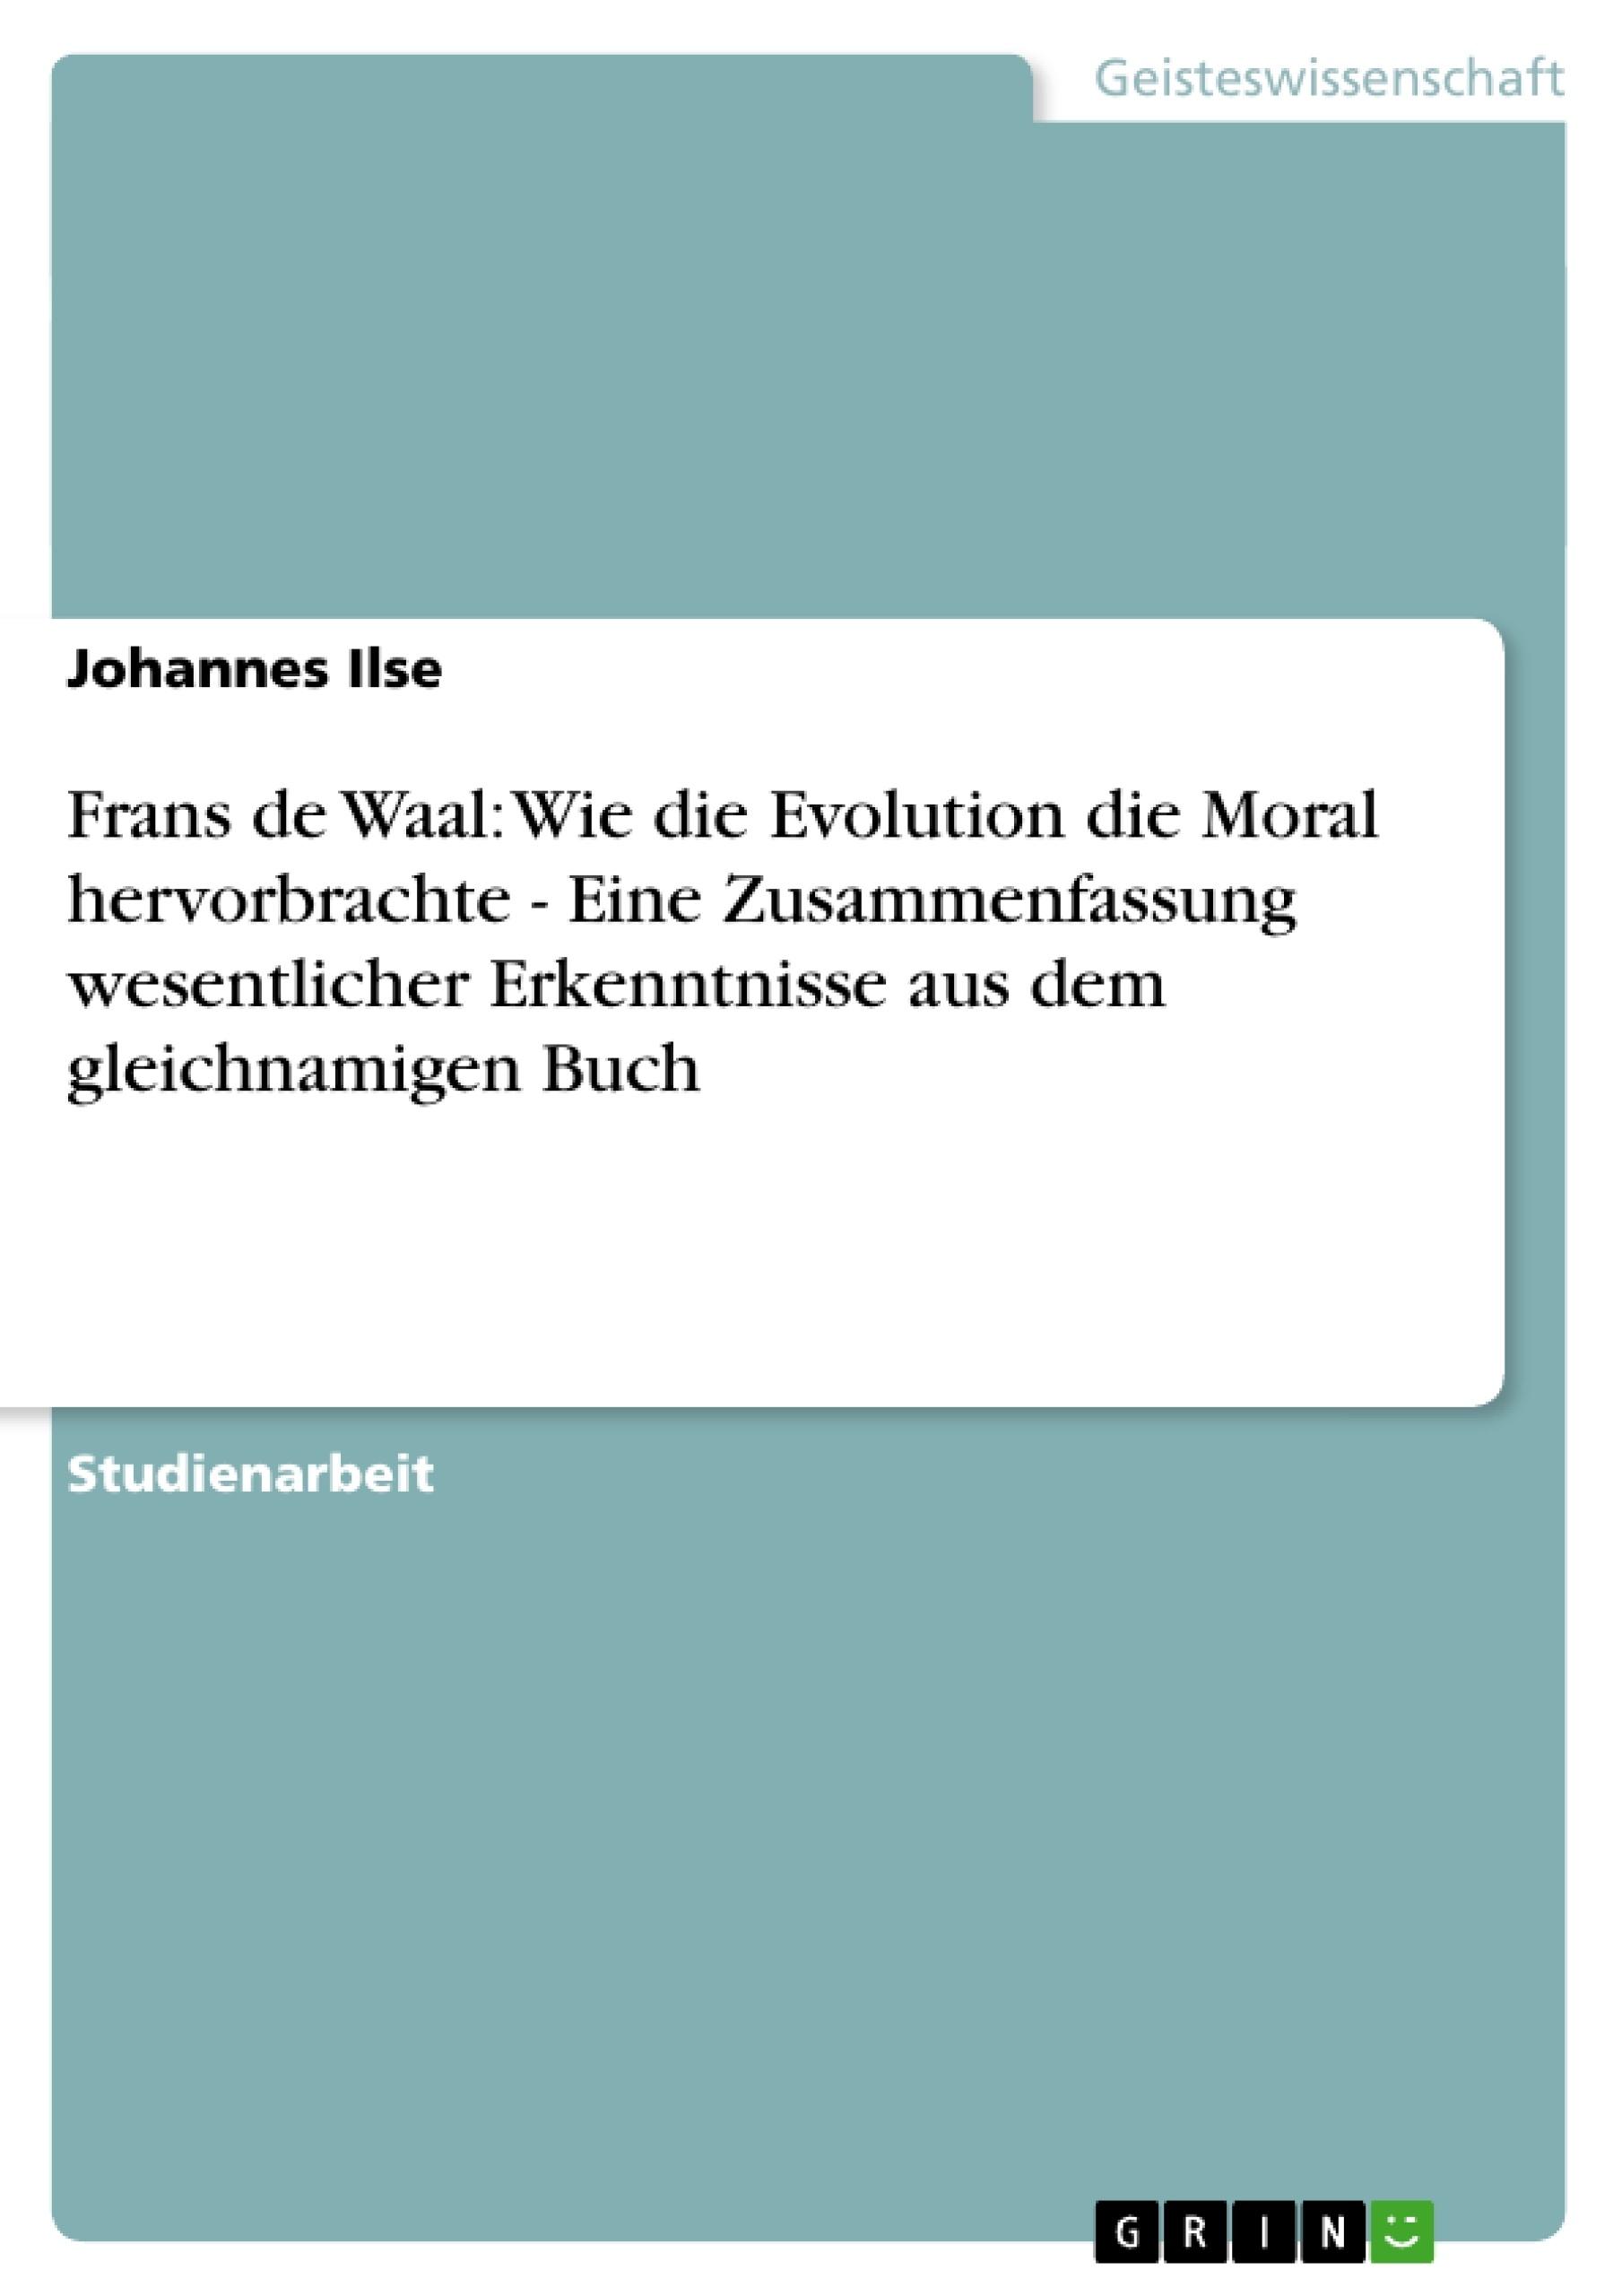 Titel: Frans de Waal: Wie die Evolution die Moral hervorbrachte - Eine Zusammenfassung wesentlicher Erkenntnisse aus dem gleichnamigen Buch